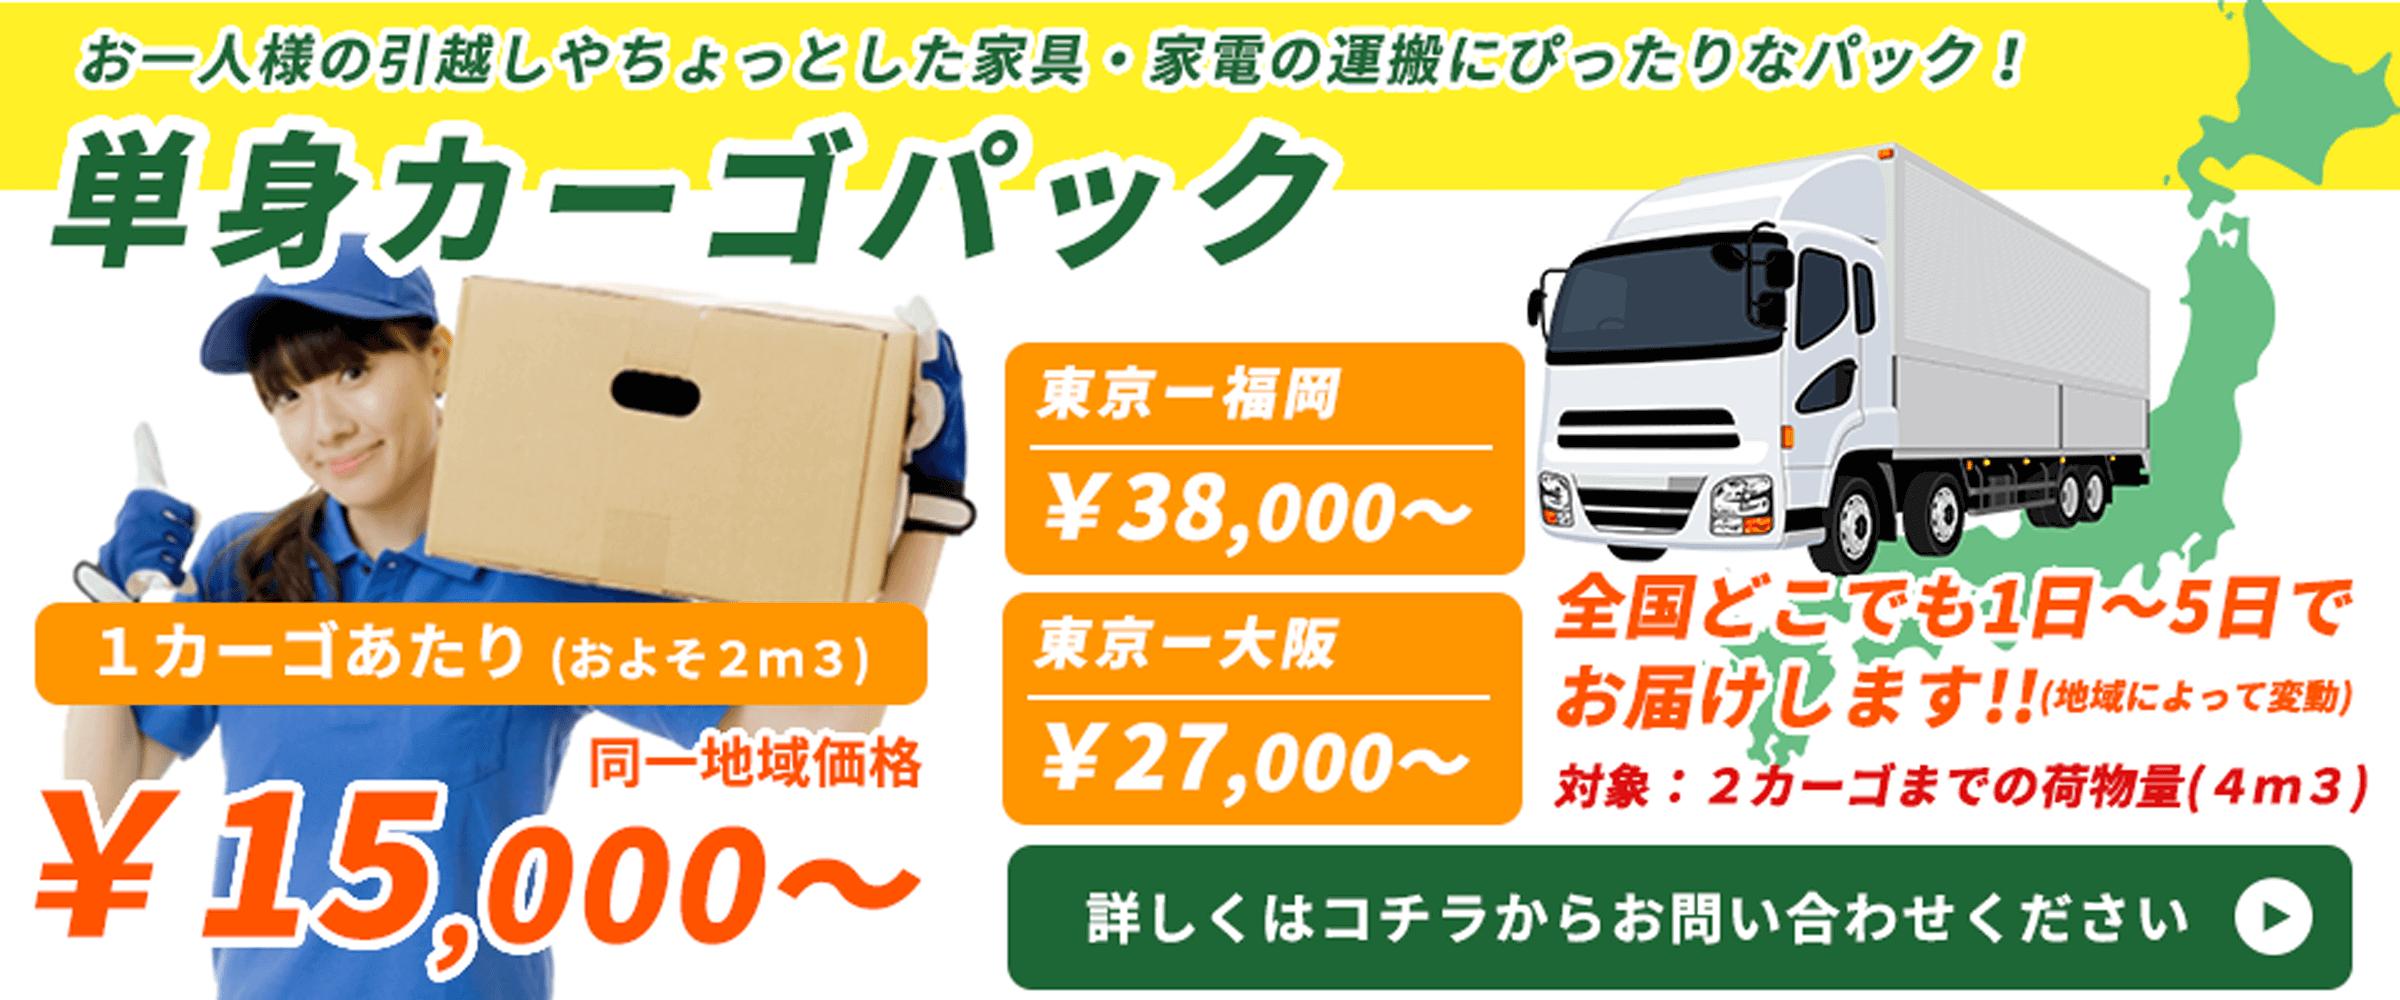 福山通運との業務提携のお知らせ